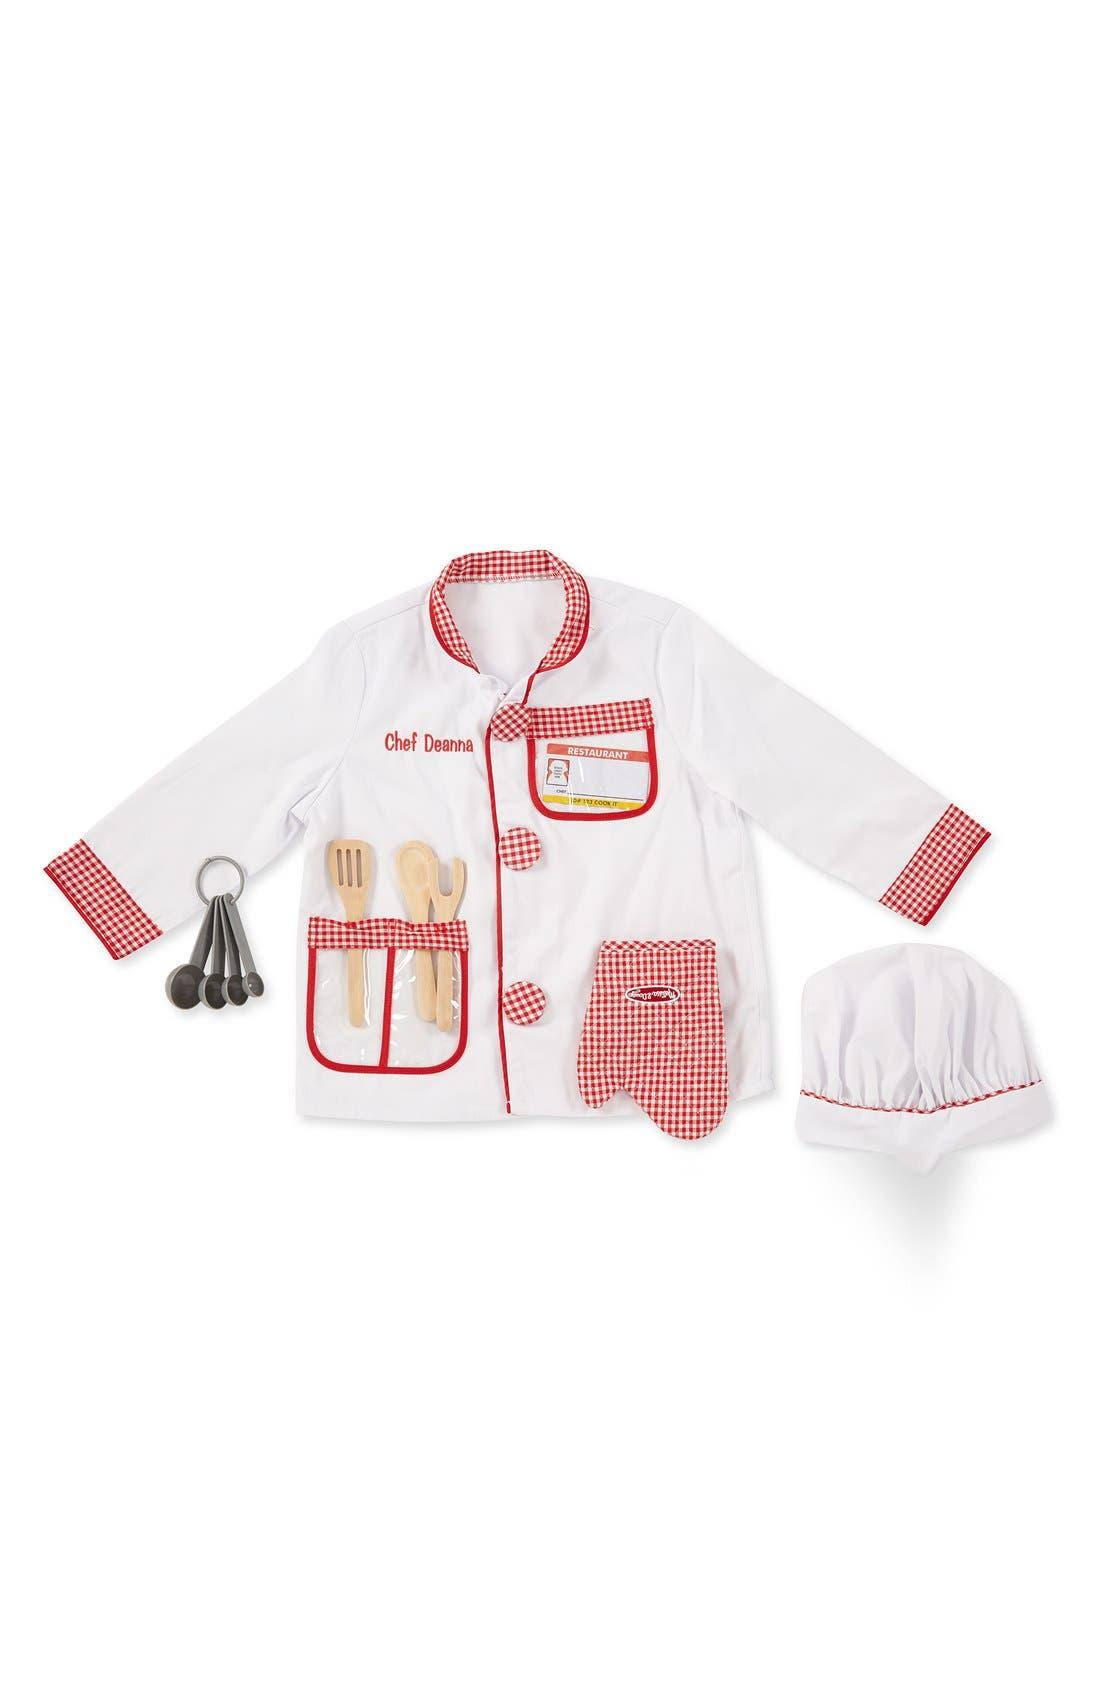 Main Image - Melissa & Doug 'Chef' Personalized Costume Set (Toddler)